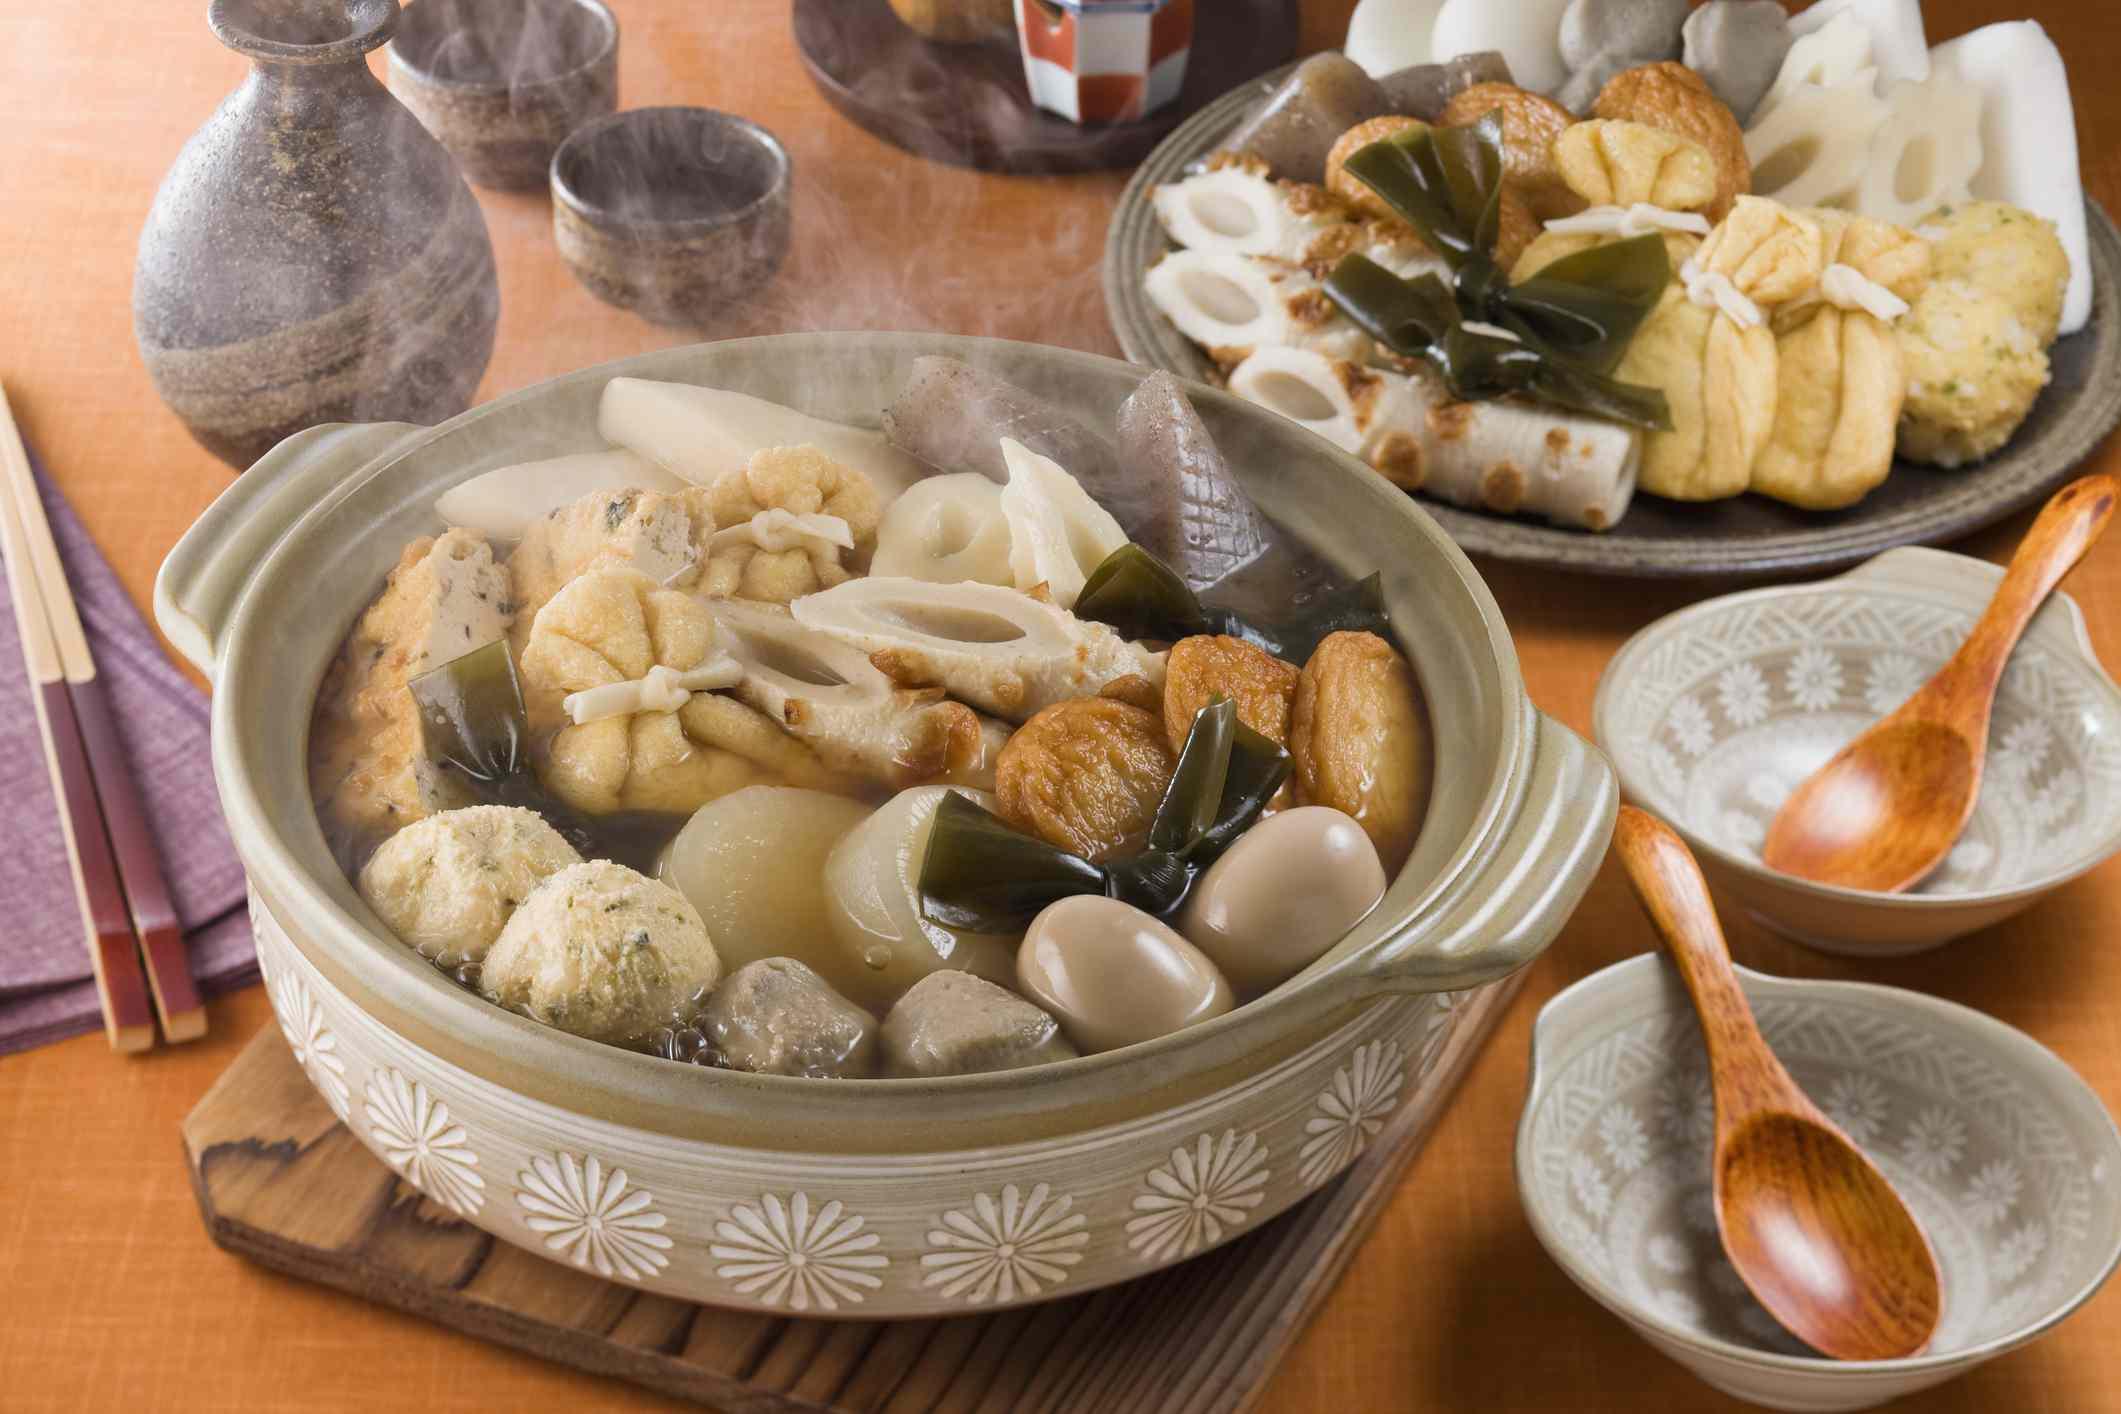 Ingin Hangatkan Perut Ketika Berwisata Musim Dingin Di Jepang ? Pilih Beberapa Rekomendasi Menu Kuliner Jepang Dari Artforia !